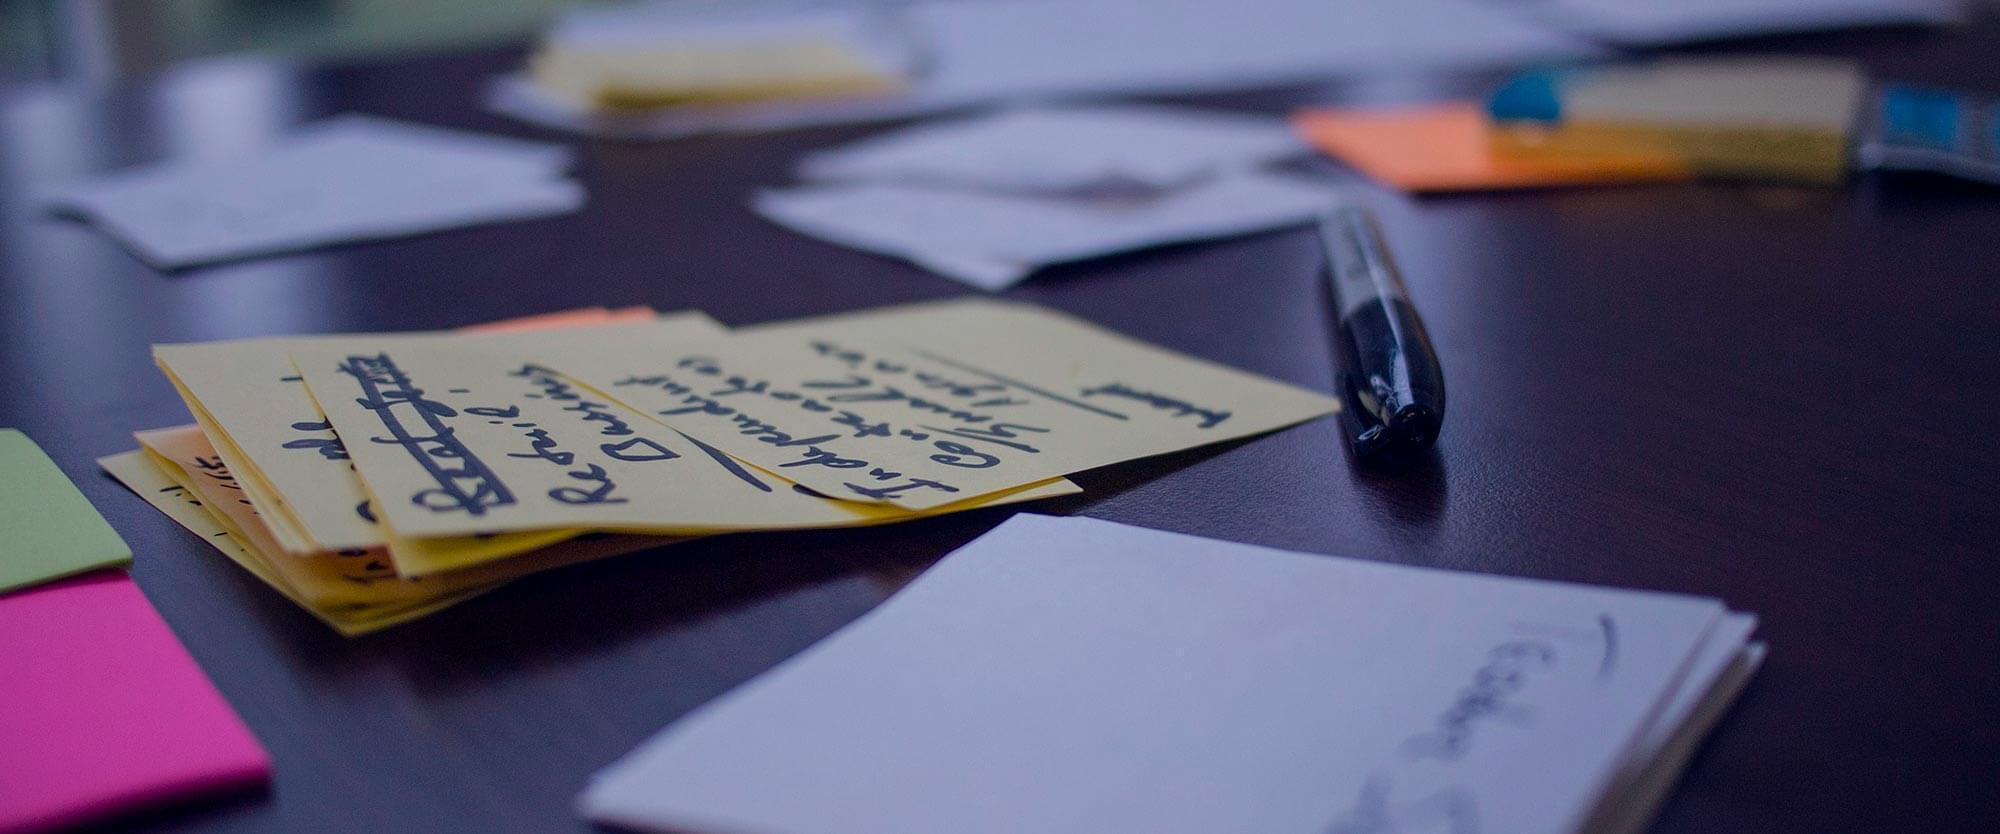 Abrir nuevas líneas de negocio | Aurum Consultores empresas